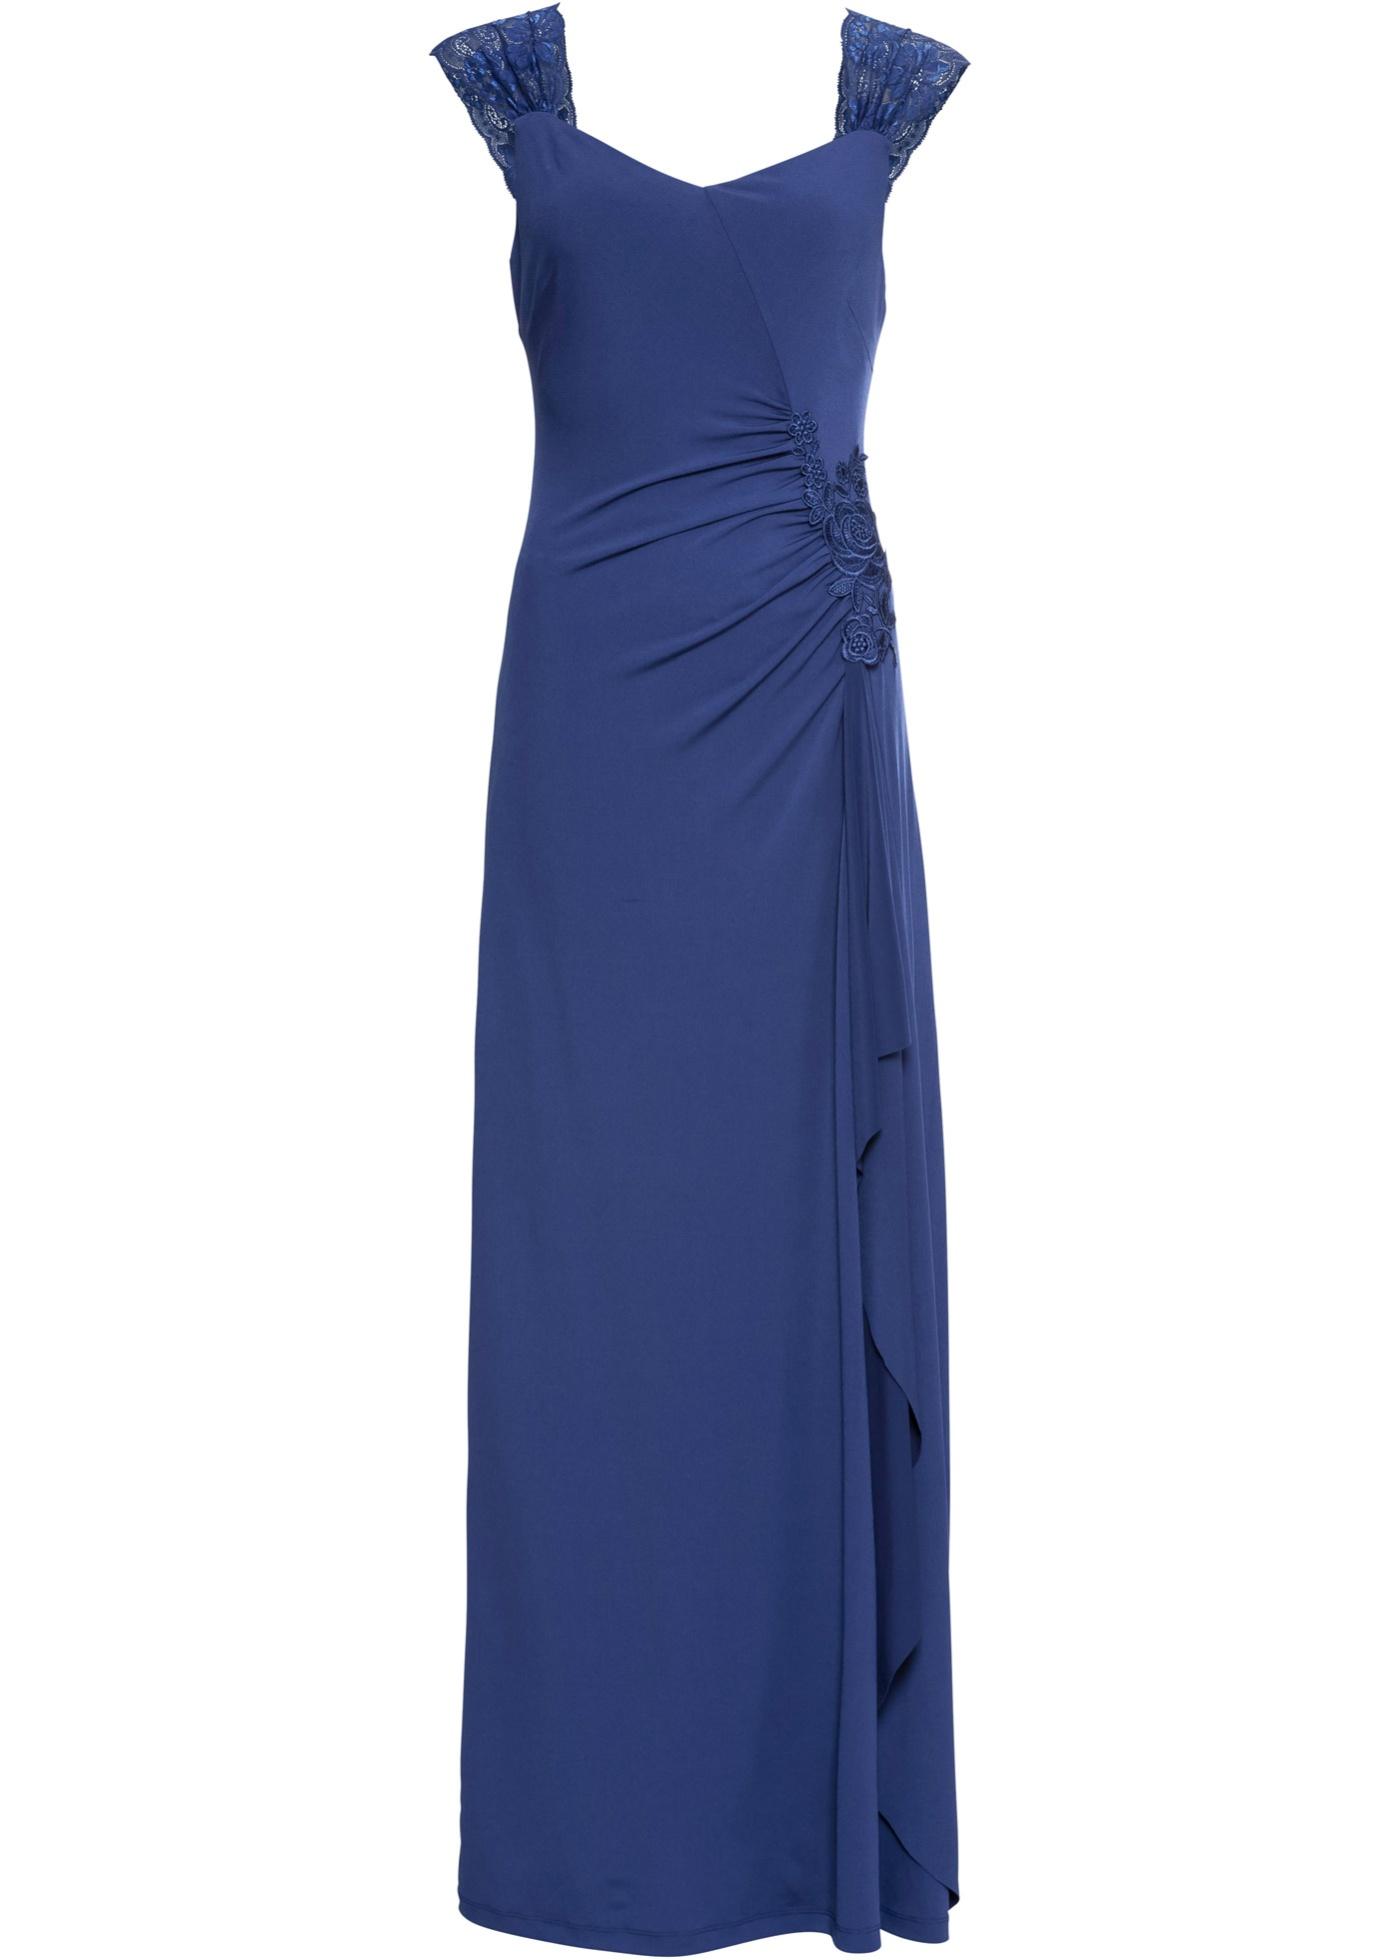 Pour Sans Bodyflirt D'été Bleu De Boutique BonprixRobe Femme Longue Manches Soirée 3A4qRL5j